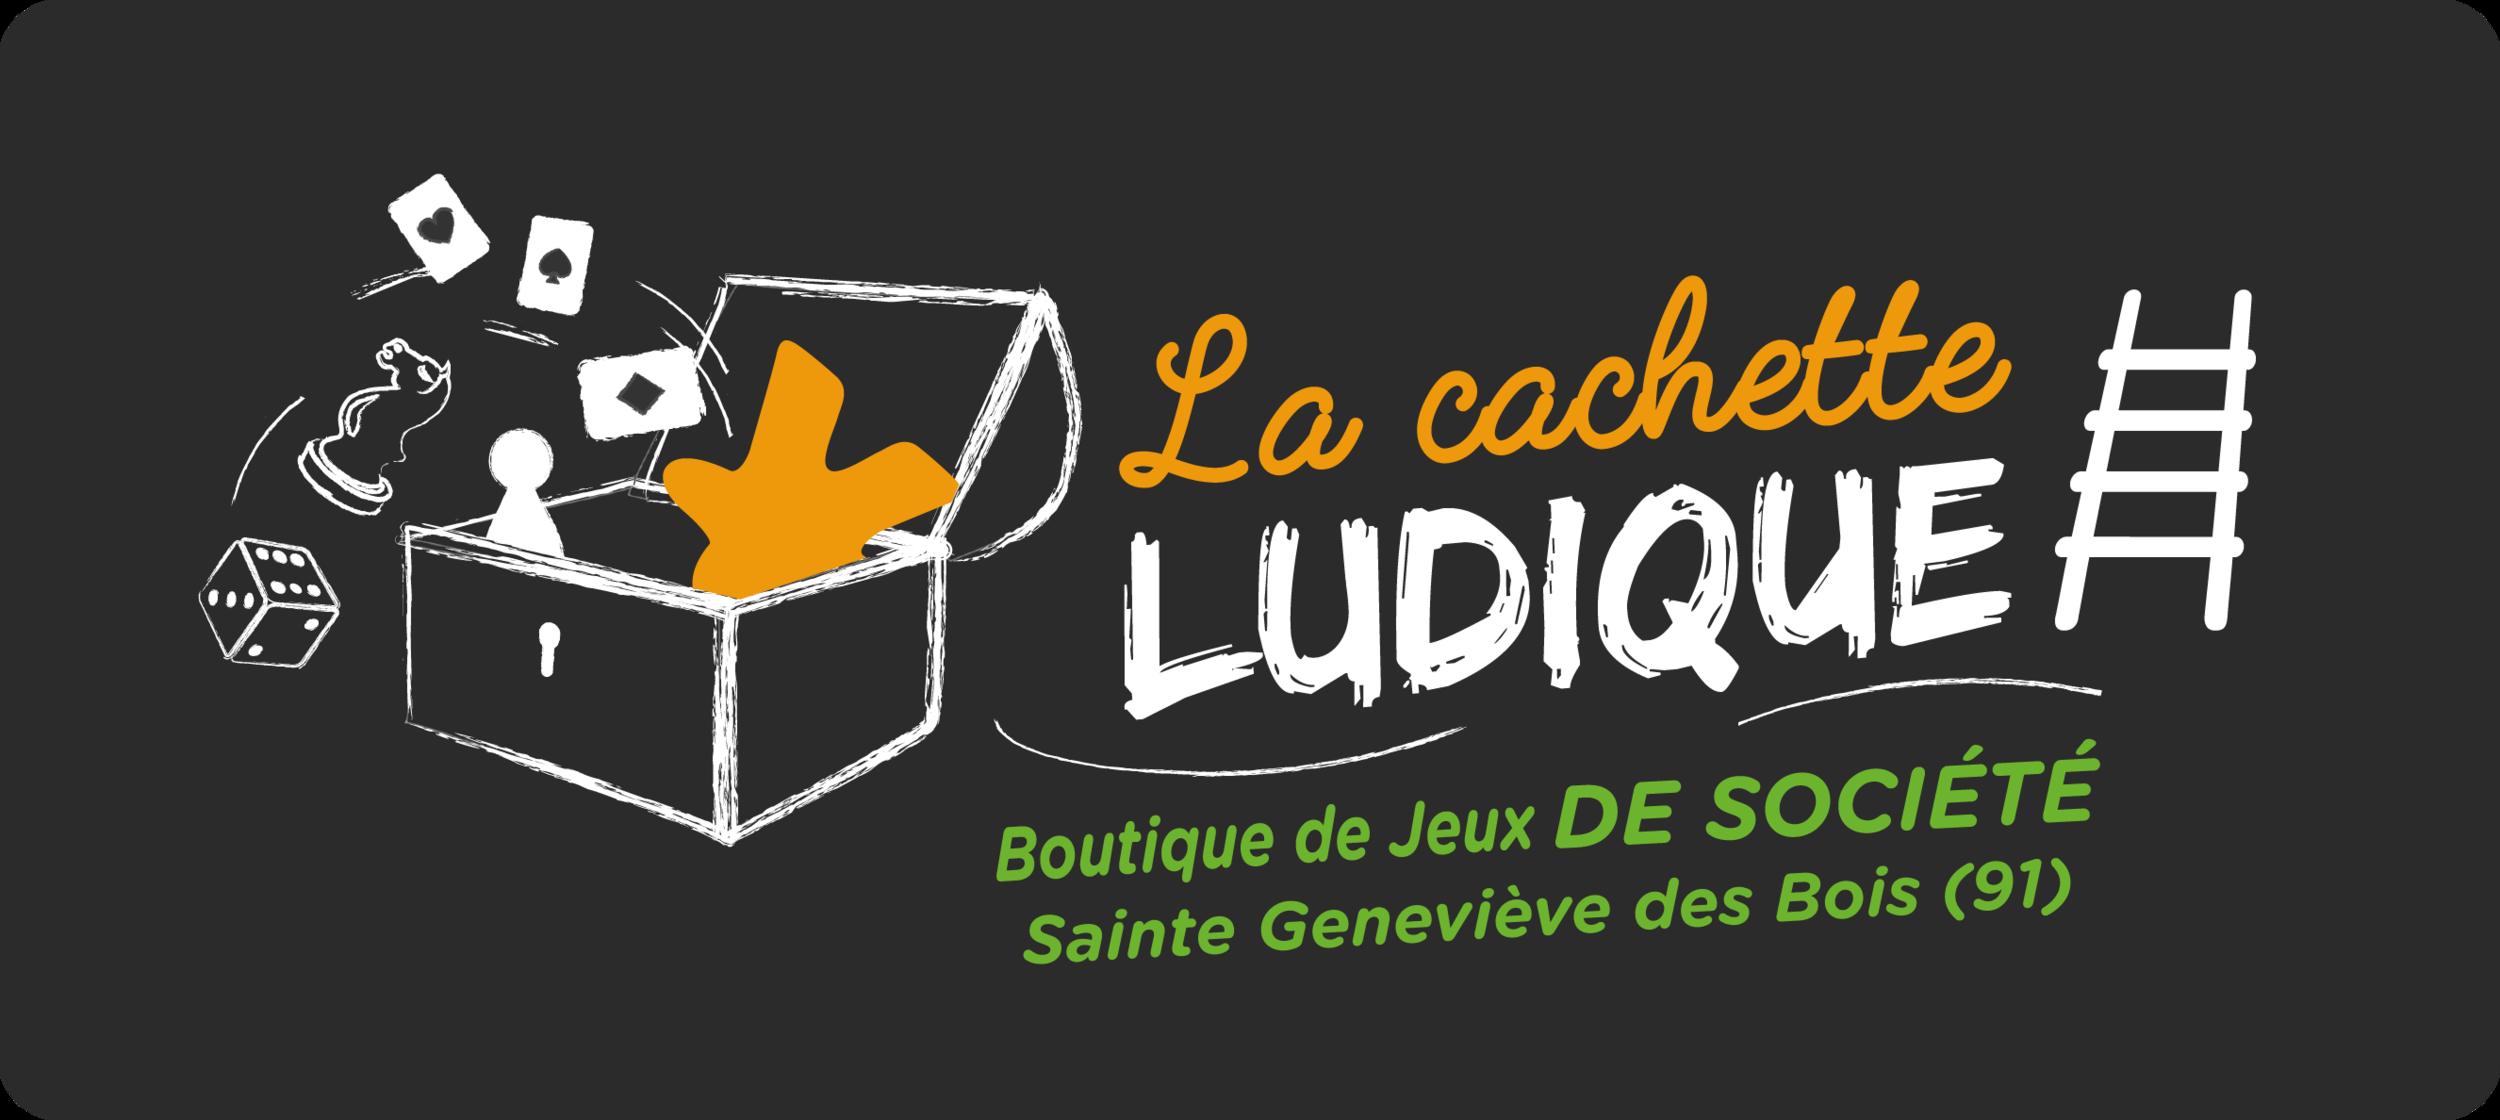 La Cachette Ludique - Boutique de jeux de société à Ste Geneviève des Bois (91)